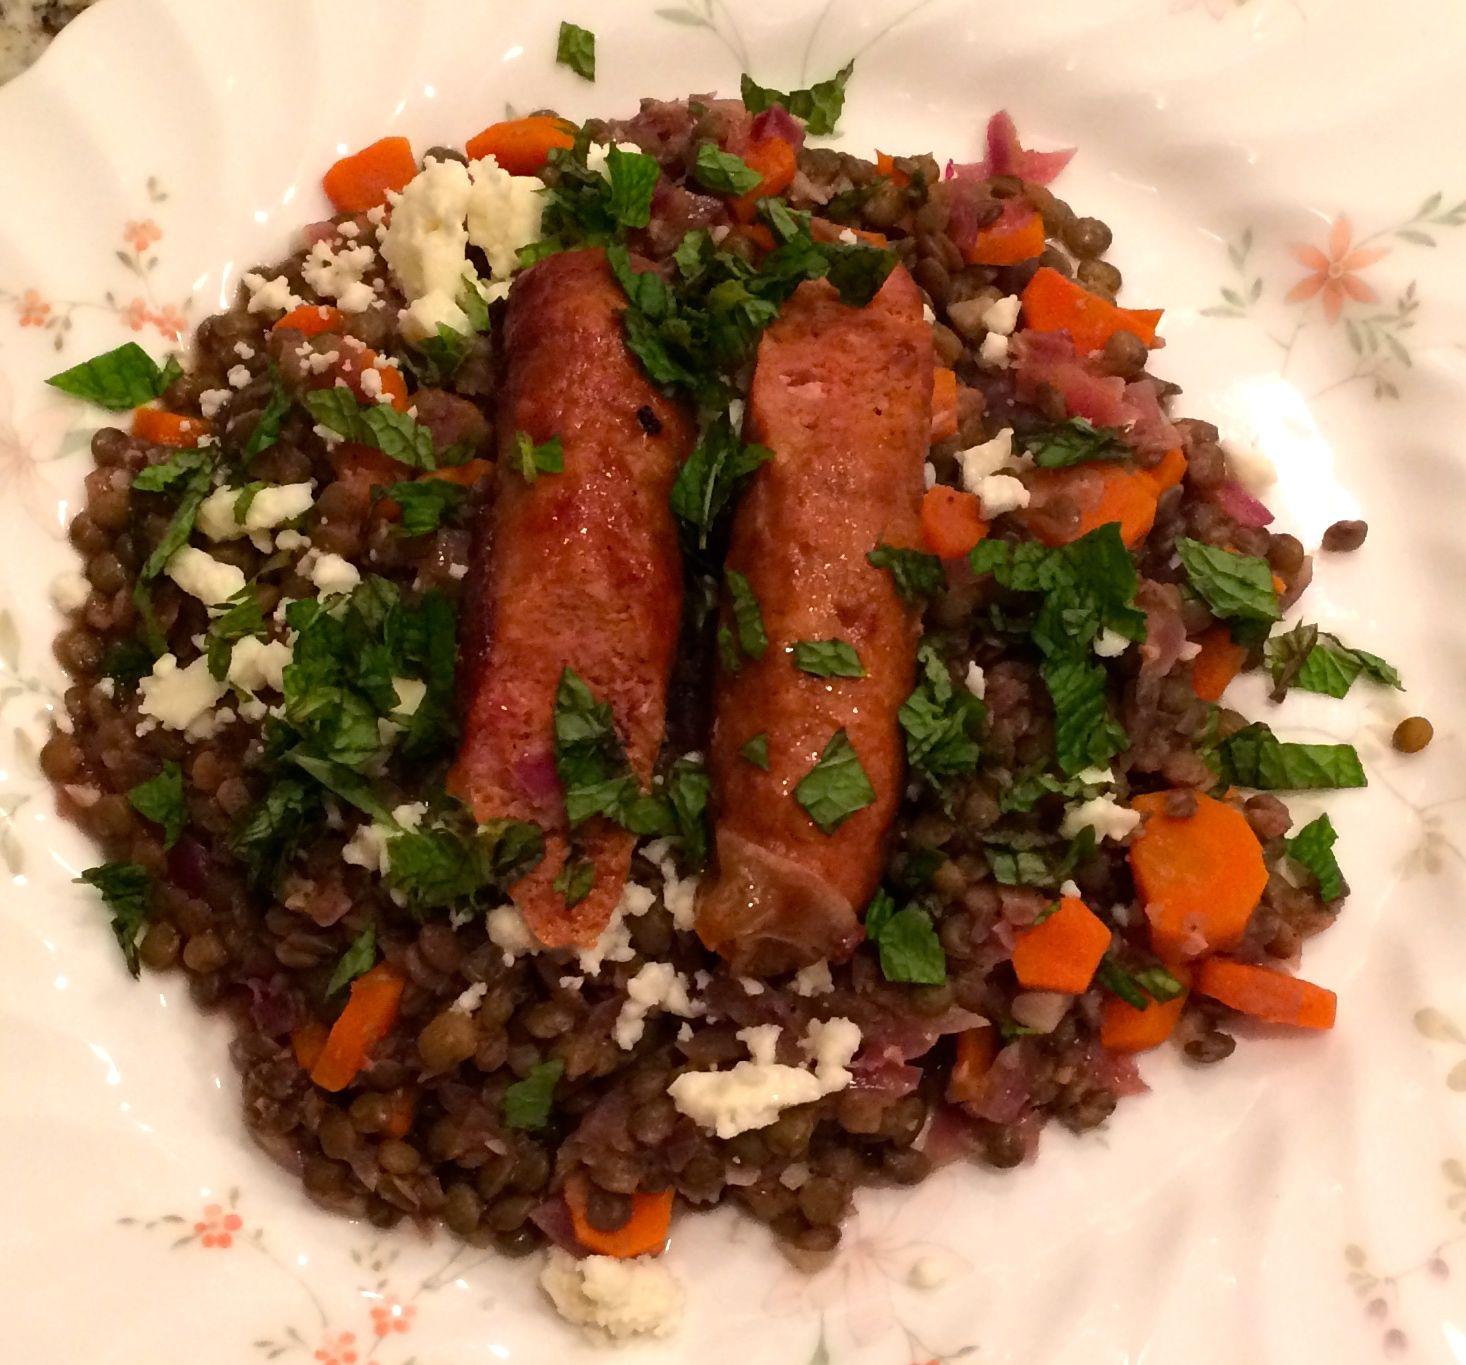 Blue apron khao soi - Merguez Lamb Sausages With French Lentils Mint Feta Blue Apron